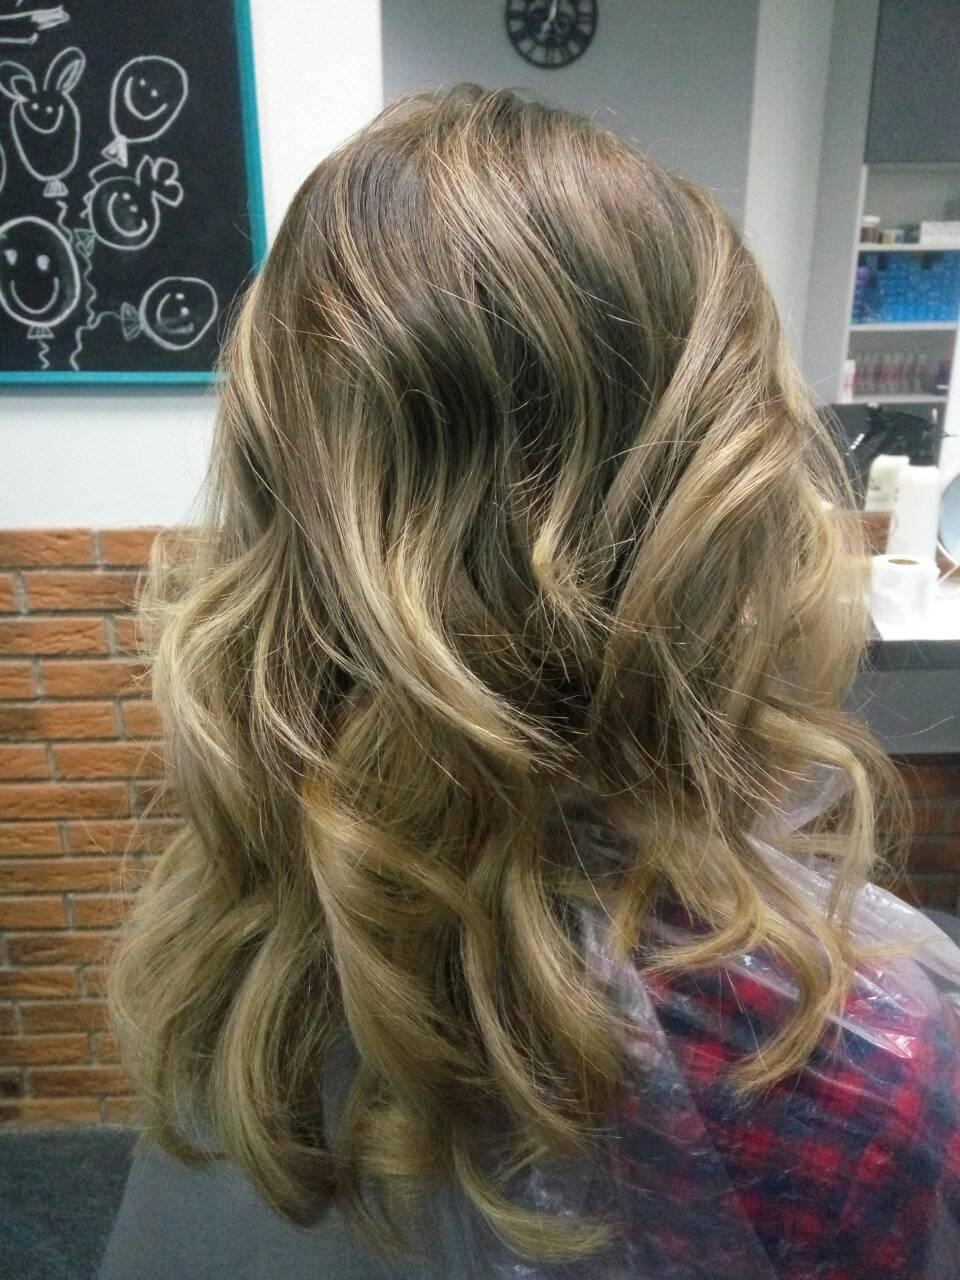 Окрашивание волос, стрижка, выпрямление, горячий ботокс, ламинирование, драгоценный уход с жидким золотом от 15 руб.